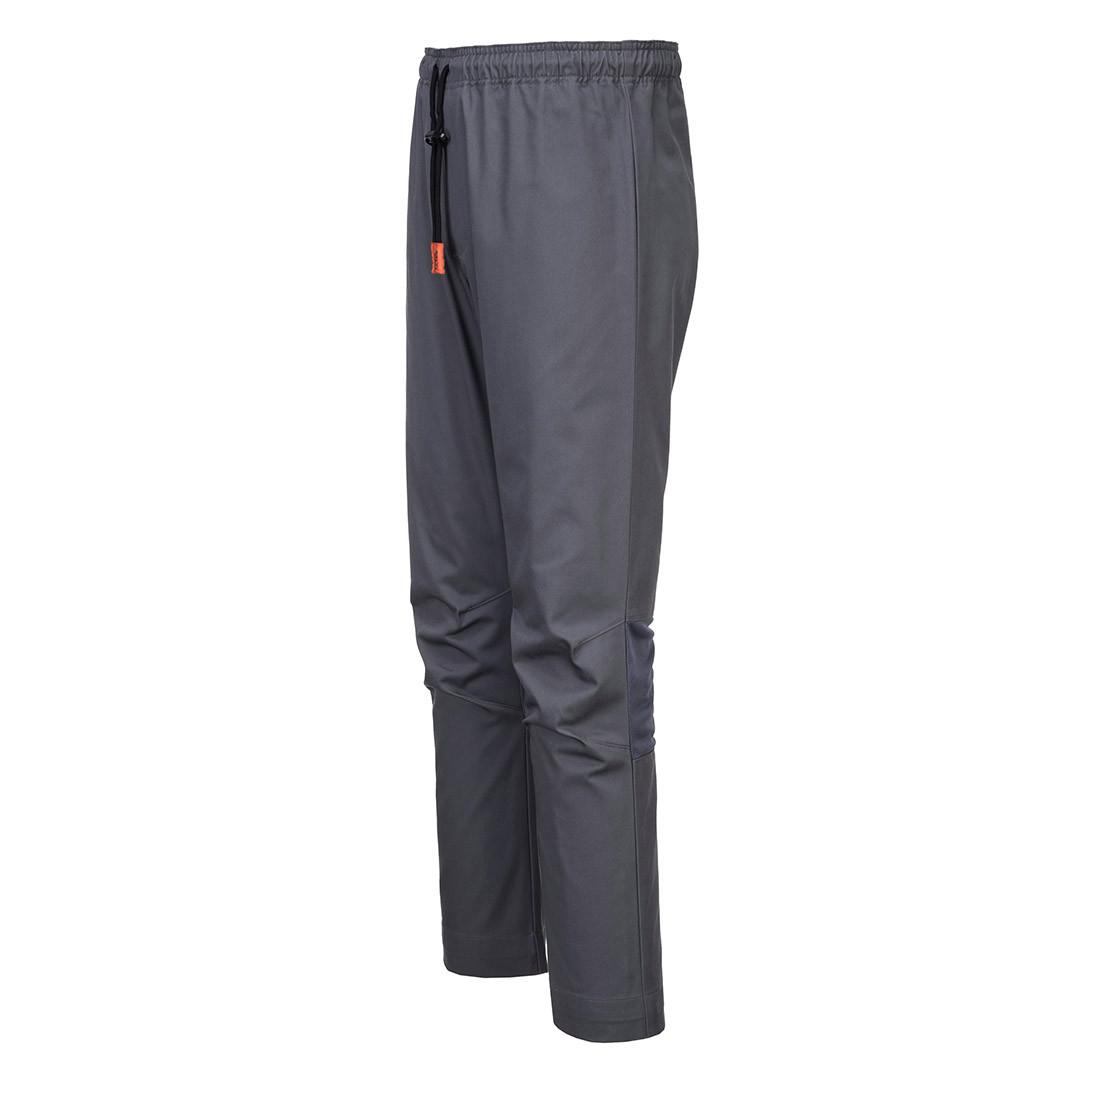 Pantaloni MeshAir Pro - Imbracaminte de protectie